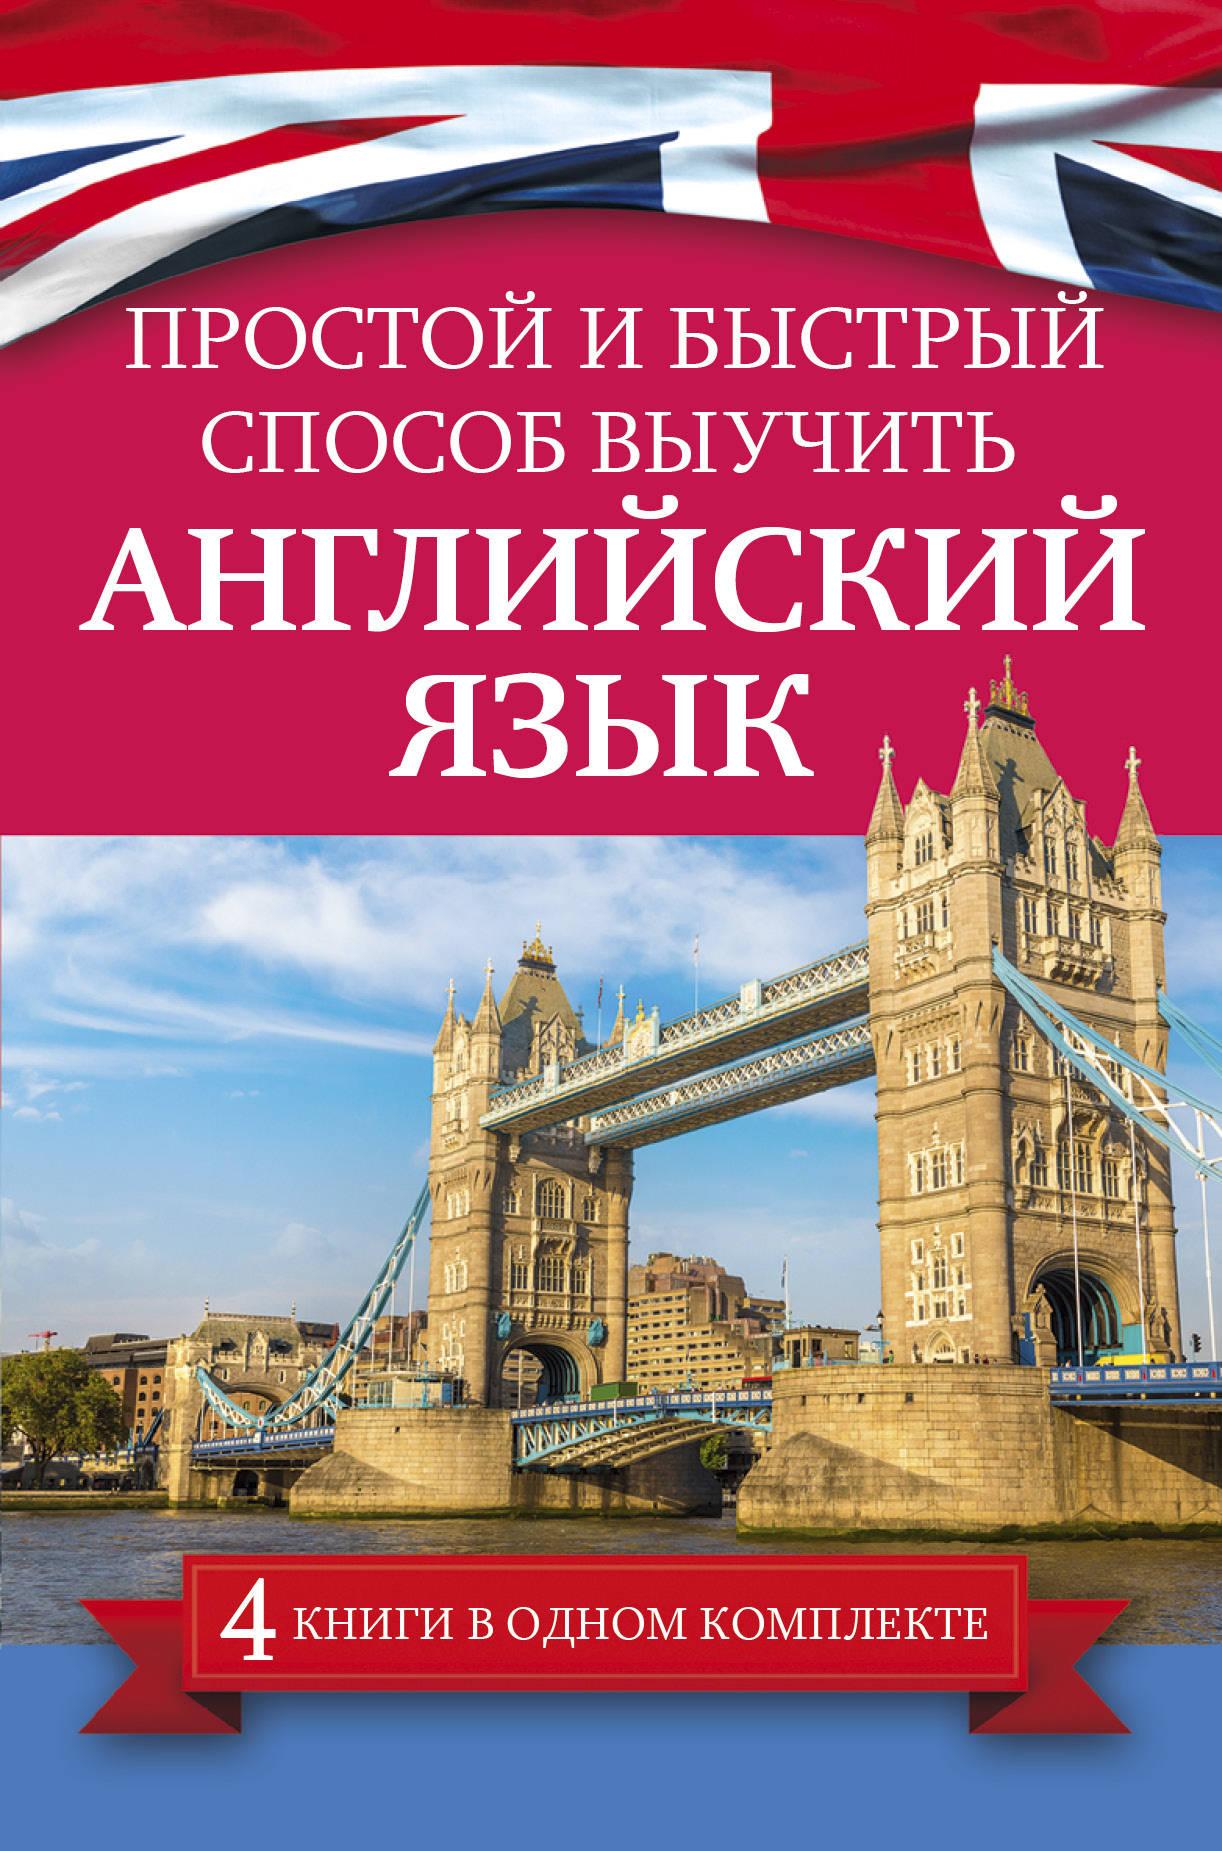 Елена Левко Простой и быстрый способ выучить английский язык (комплект из 4 книг + 2CD) эффективный способ выучить 5 языков комплект из 5 книг